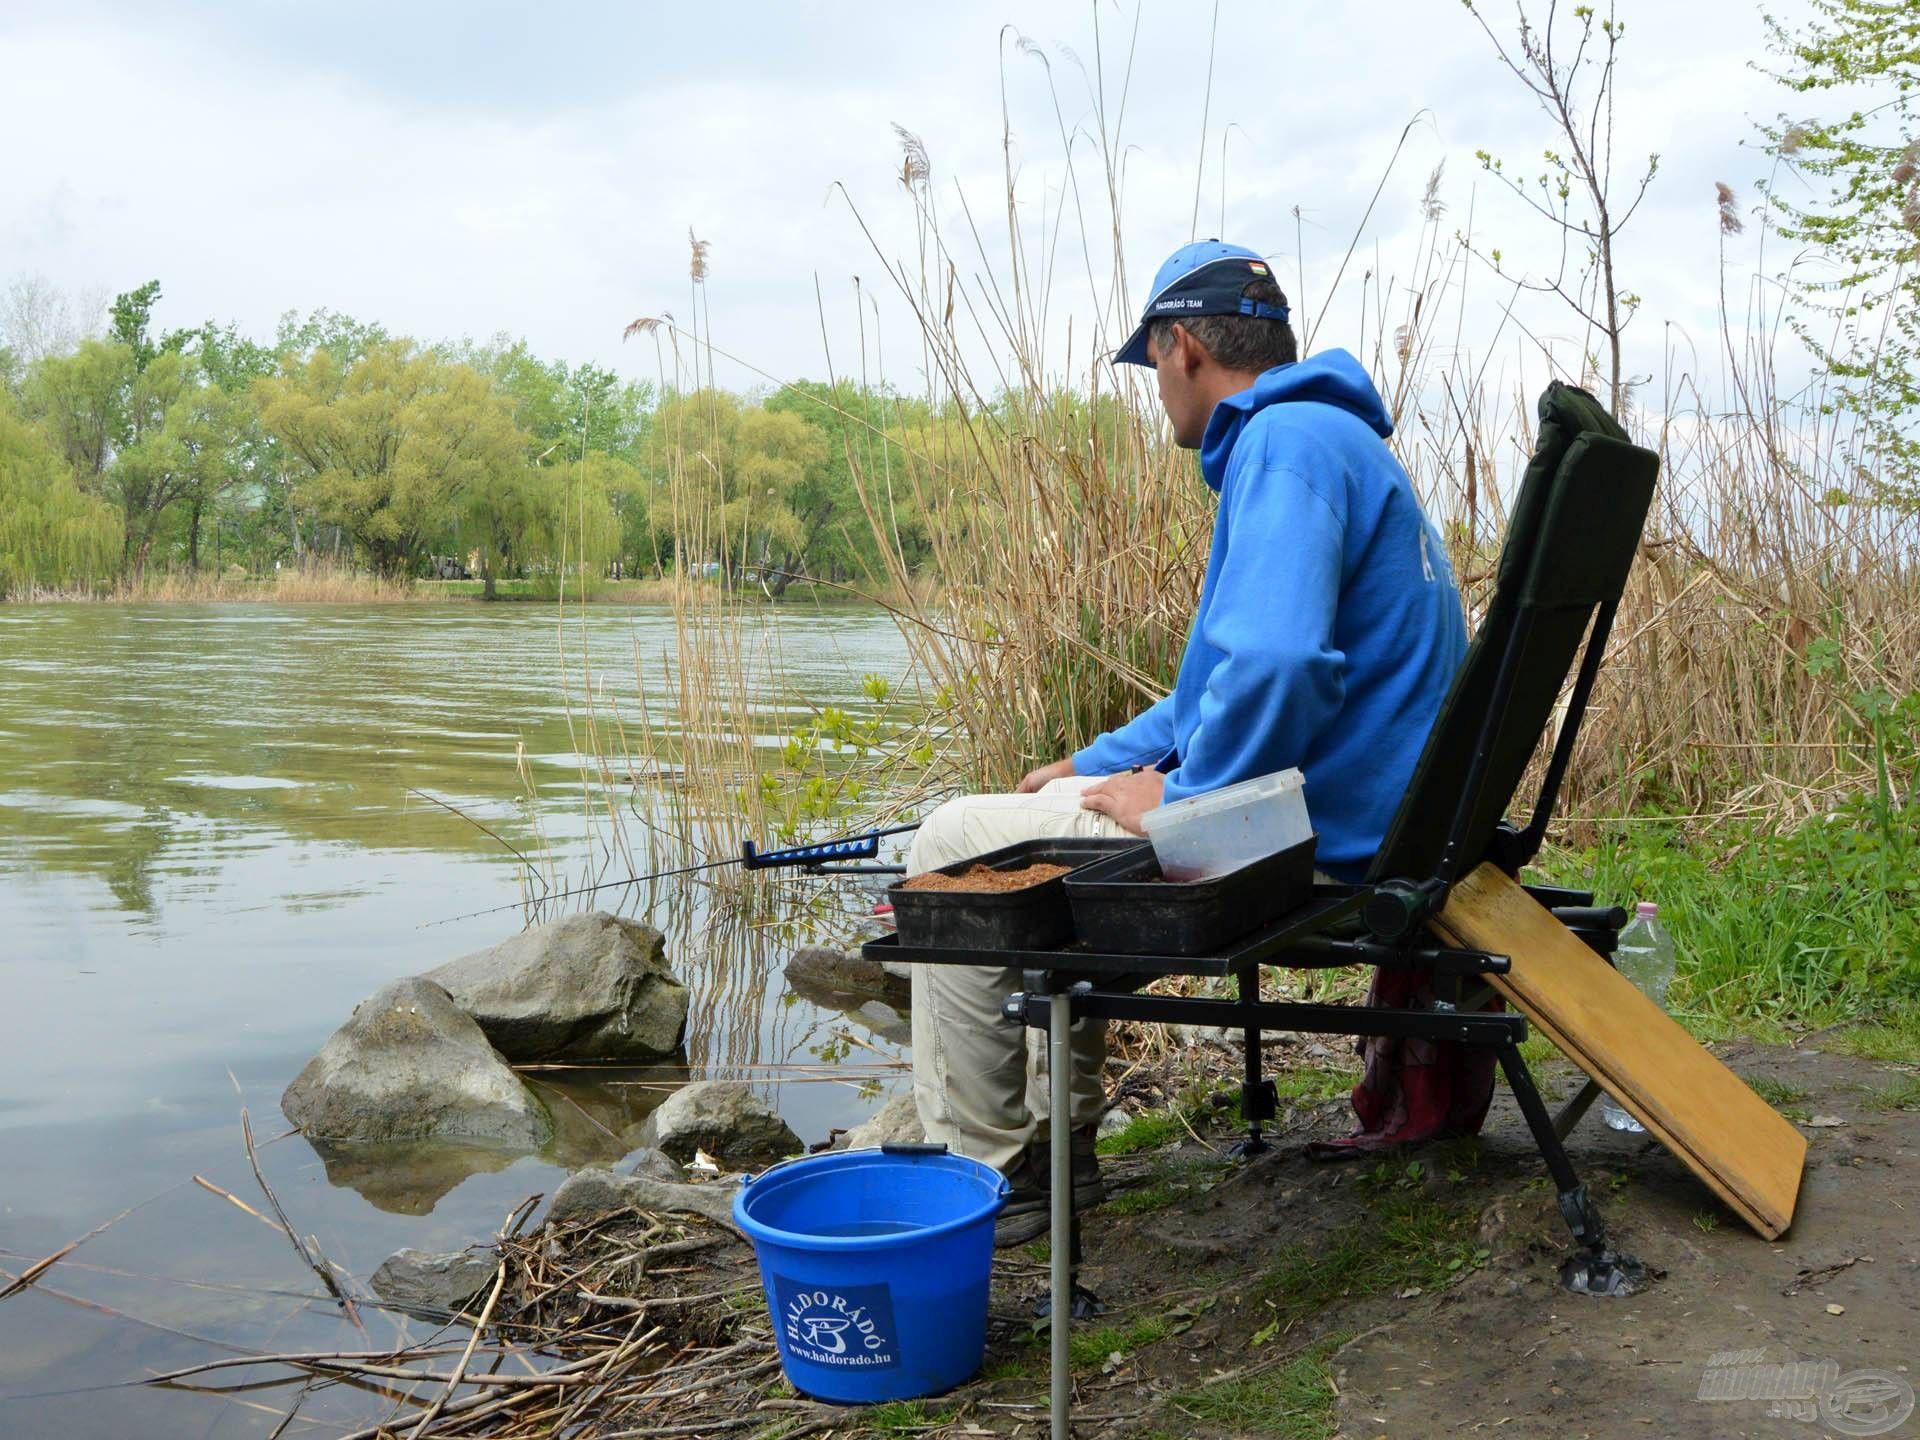 A Rávkevei (Soroksár)-Duna bővelkedik a keszegfélékben, így népszerű célpontja azoknak, akik szeretik a mozgalmas, pörgős horgászatokat